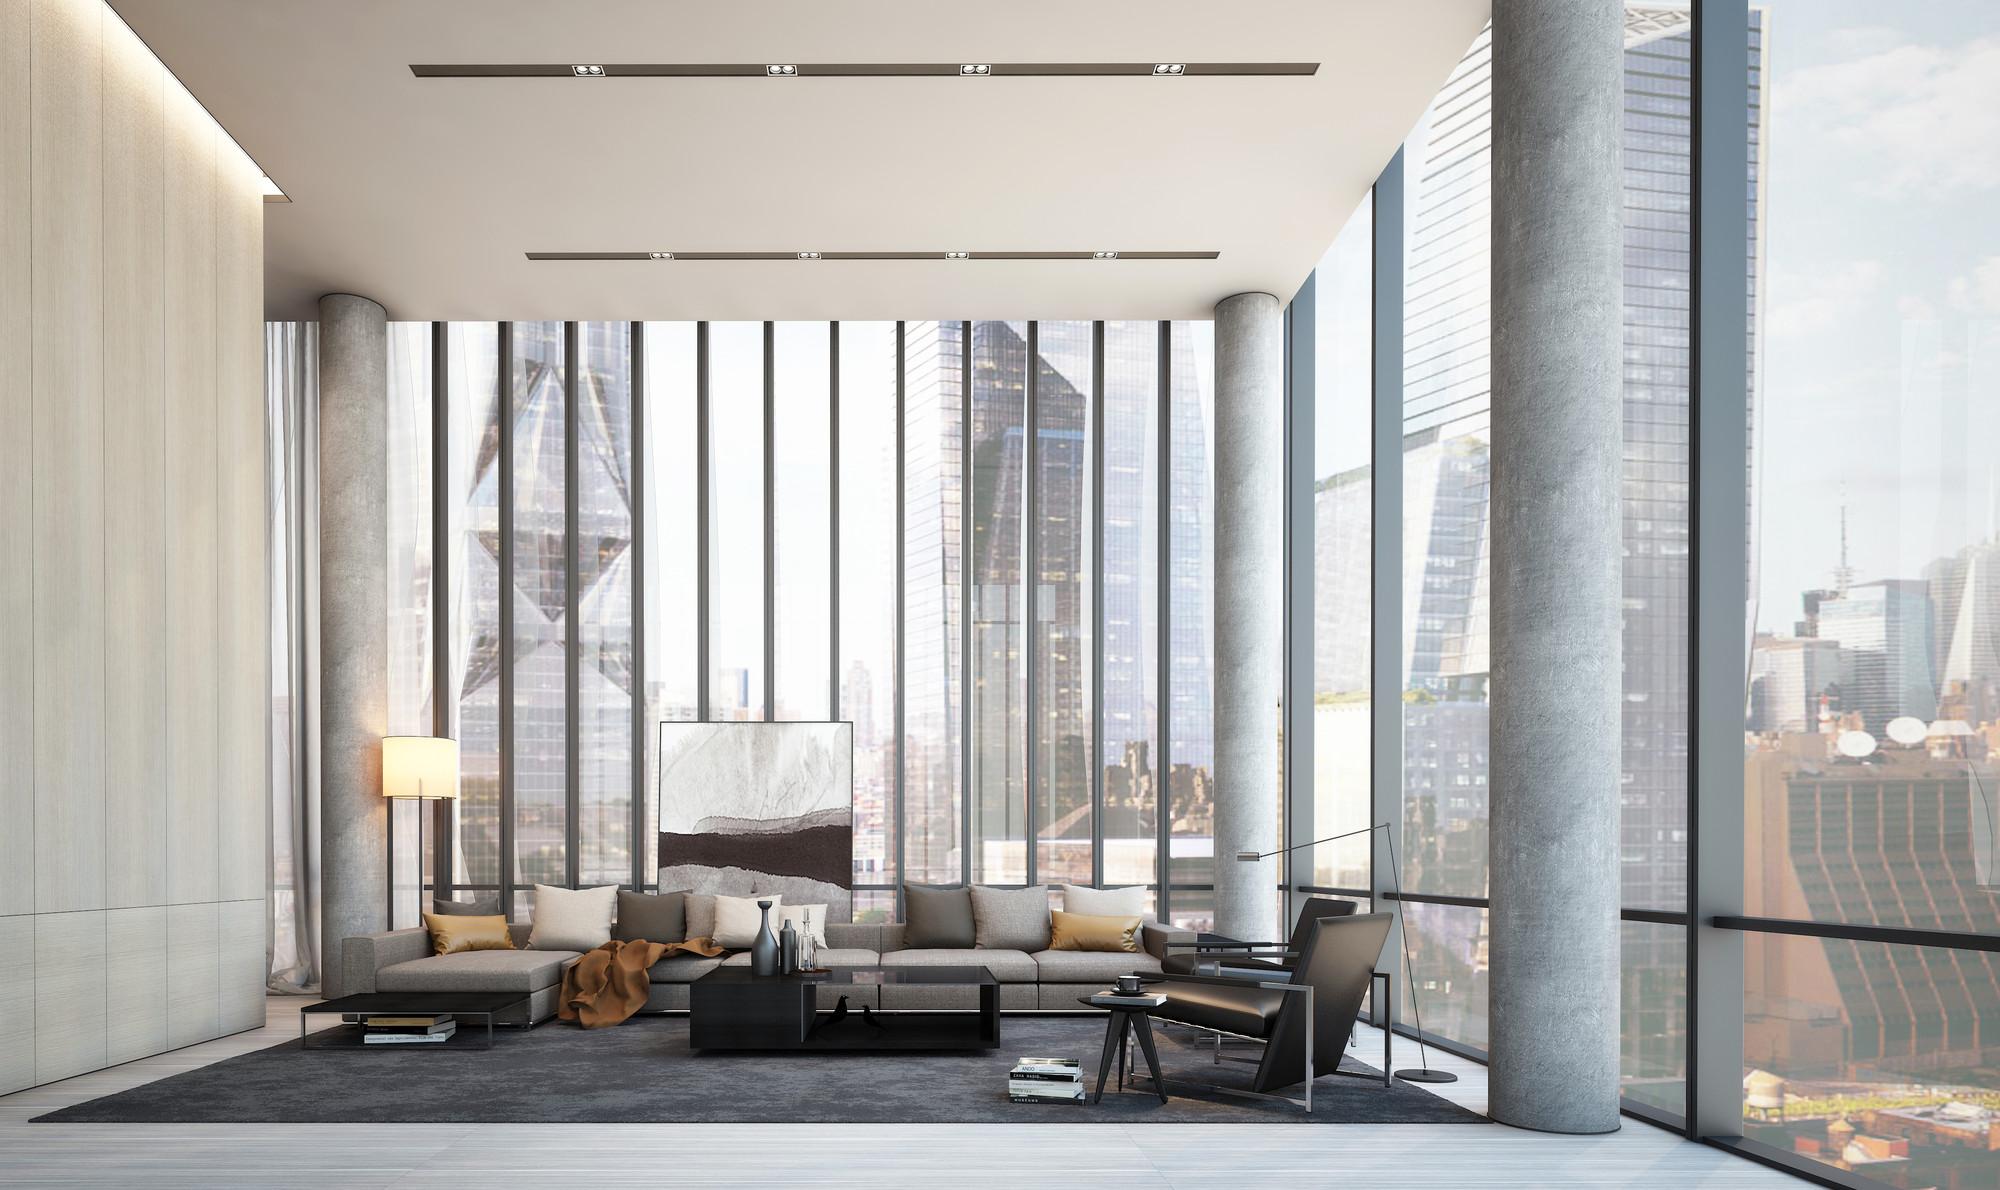 Gallery Of Scda Designed Condominium To Rise Between High